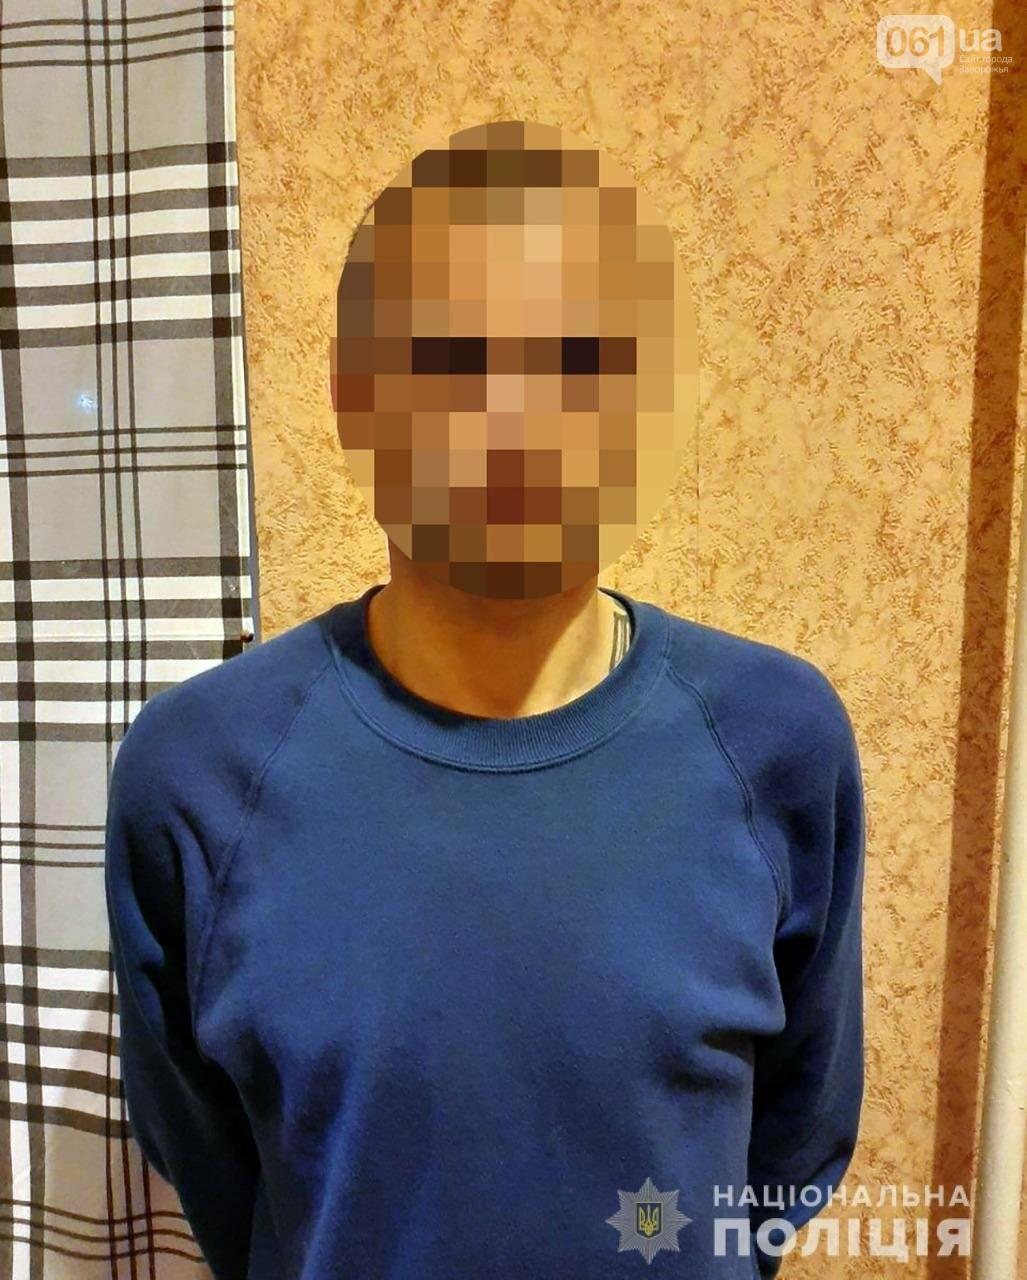 В Запорожской области задержали серийного грабителя, который срывал с женщин золотые украшения , фото-1